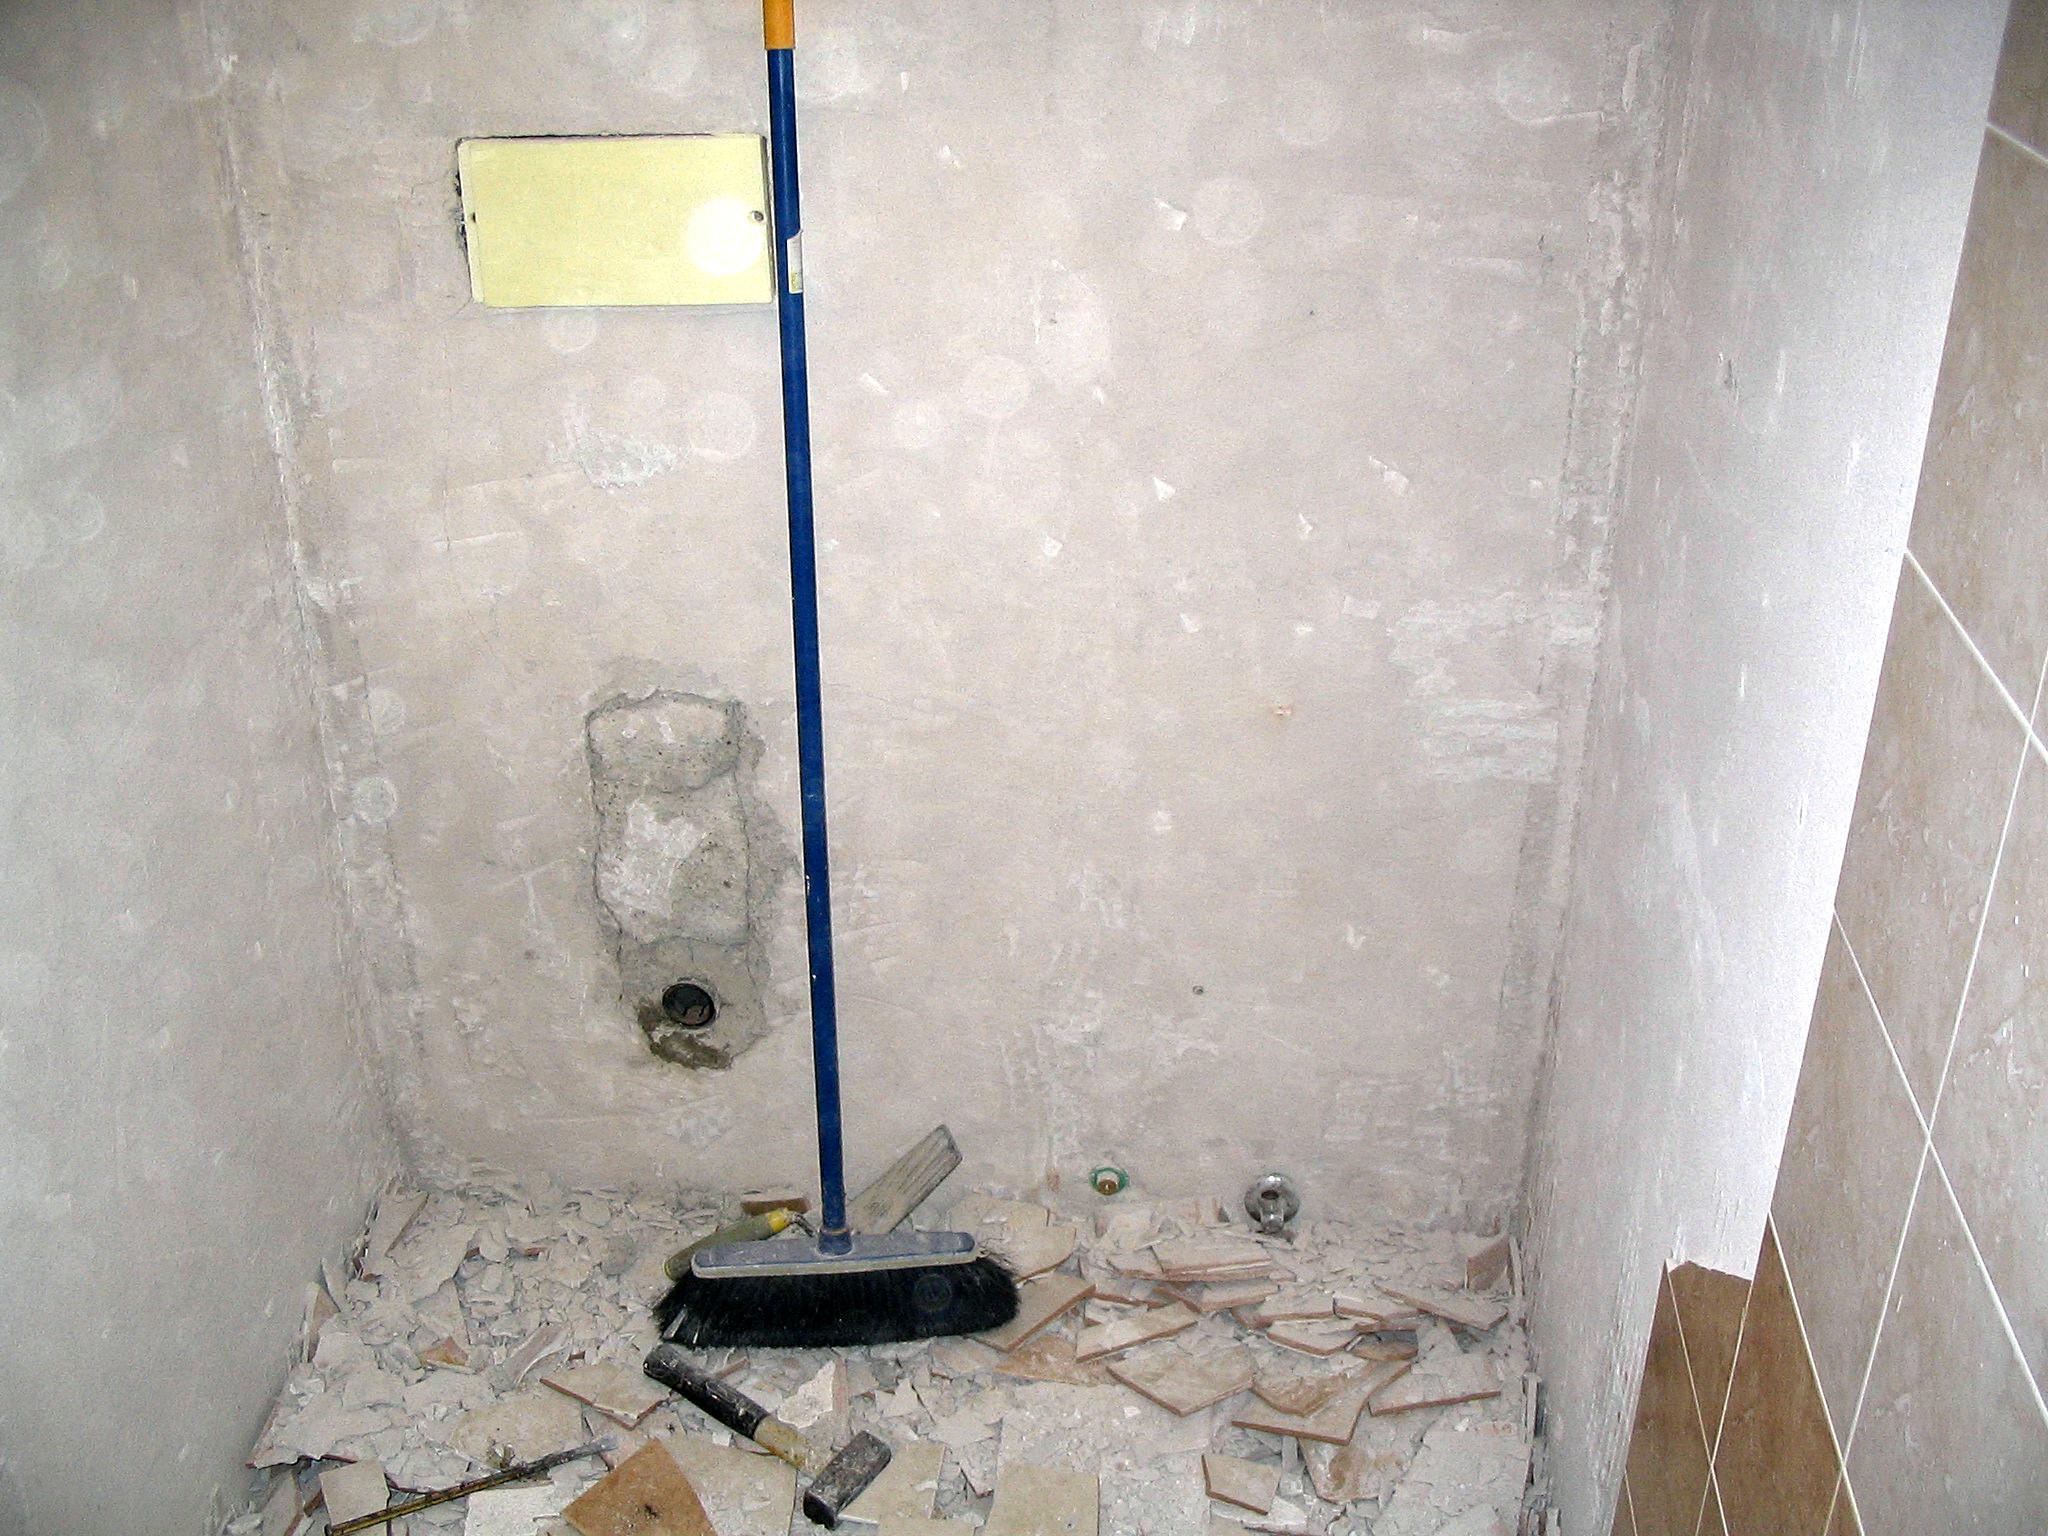 Image: Bagno in demolizione